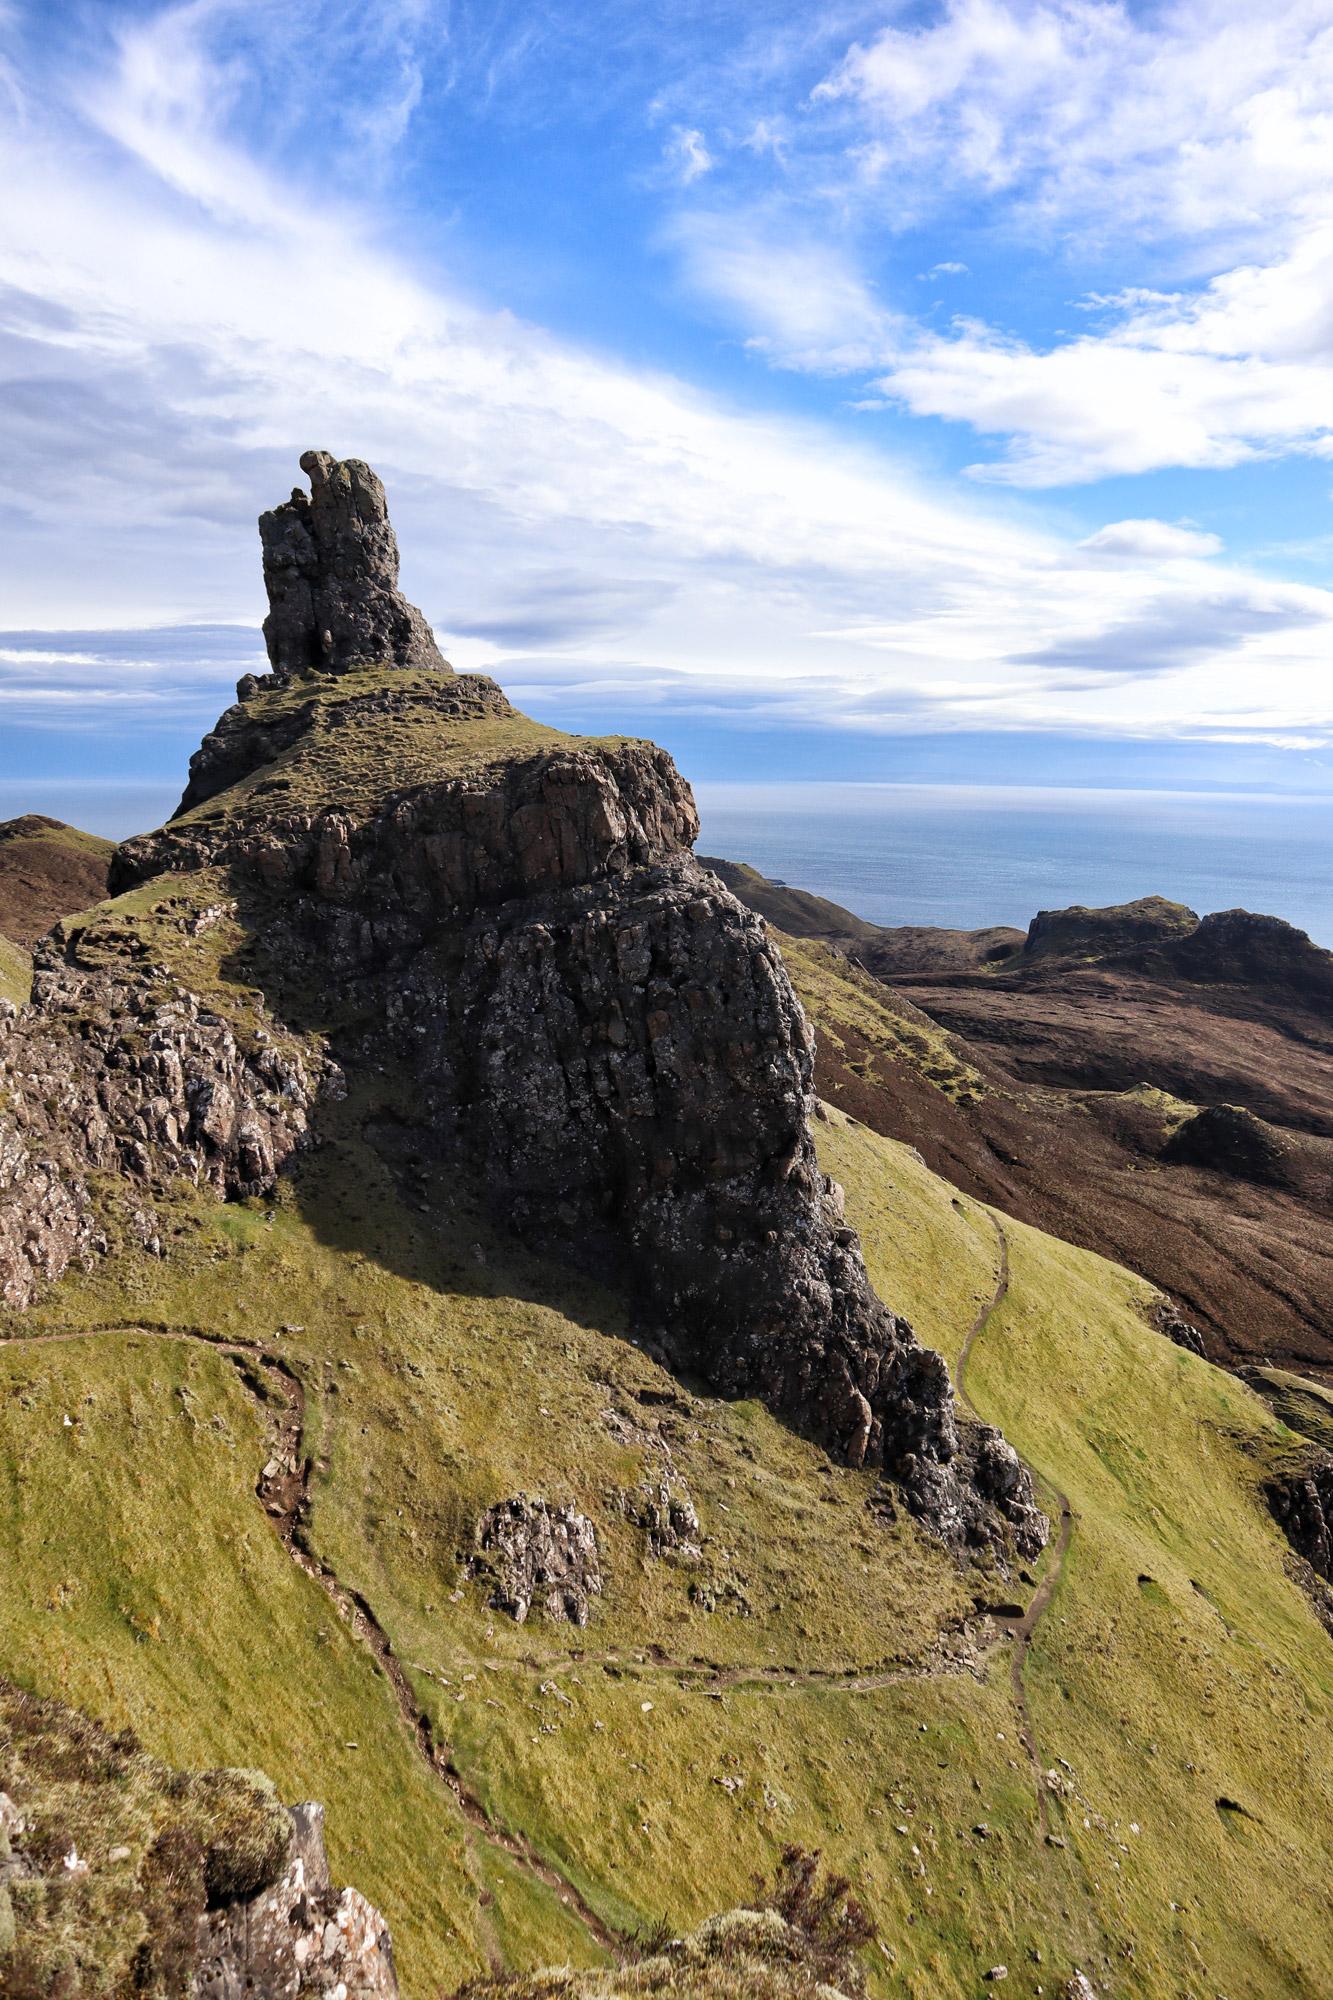 De hoogtepunten van Isle of Skye - Quiraing